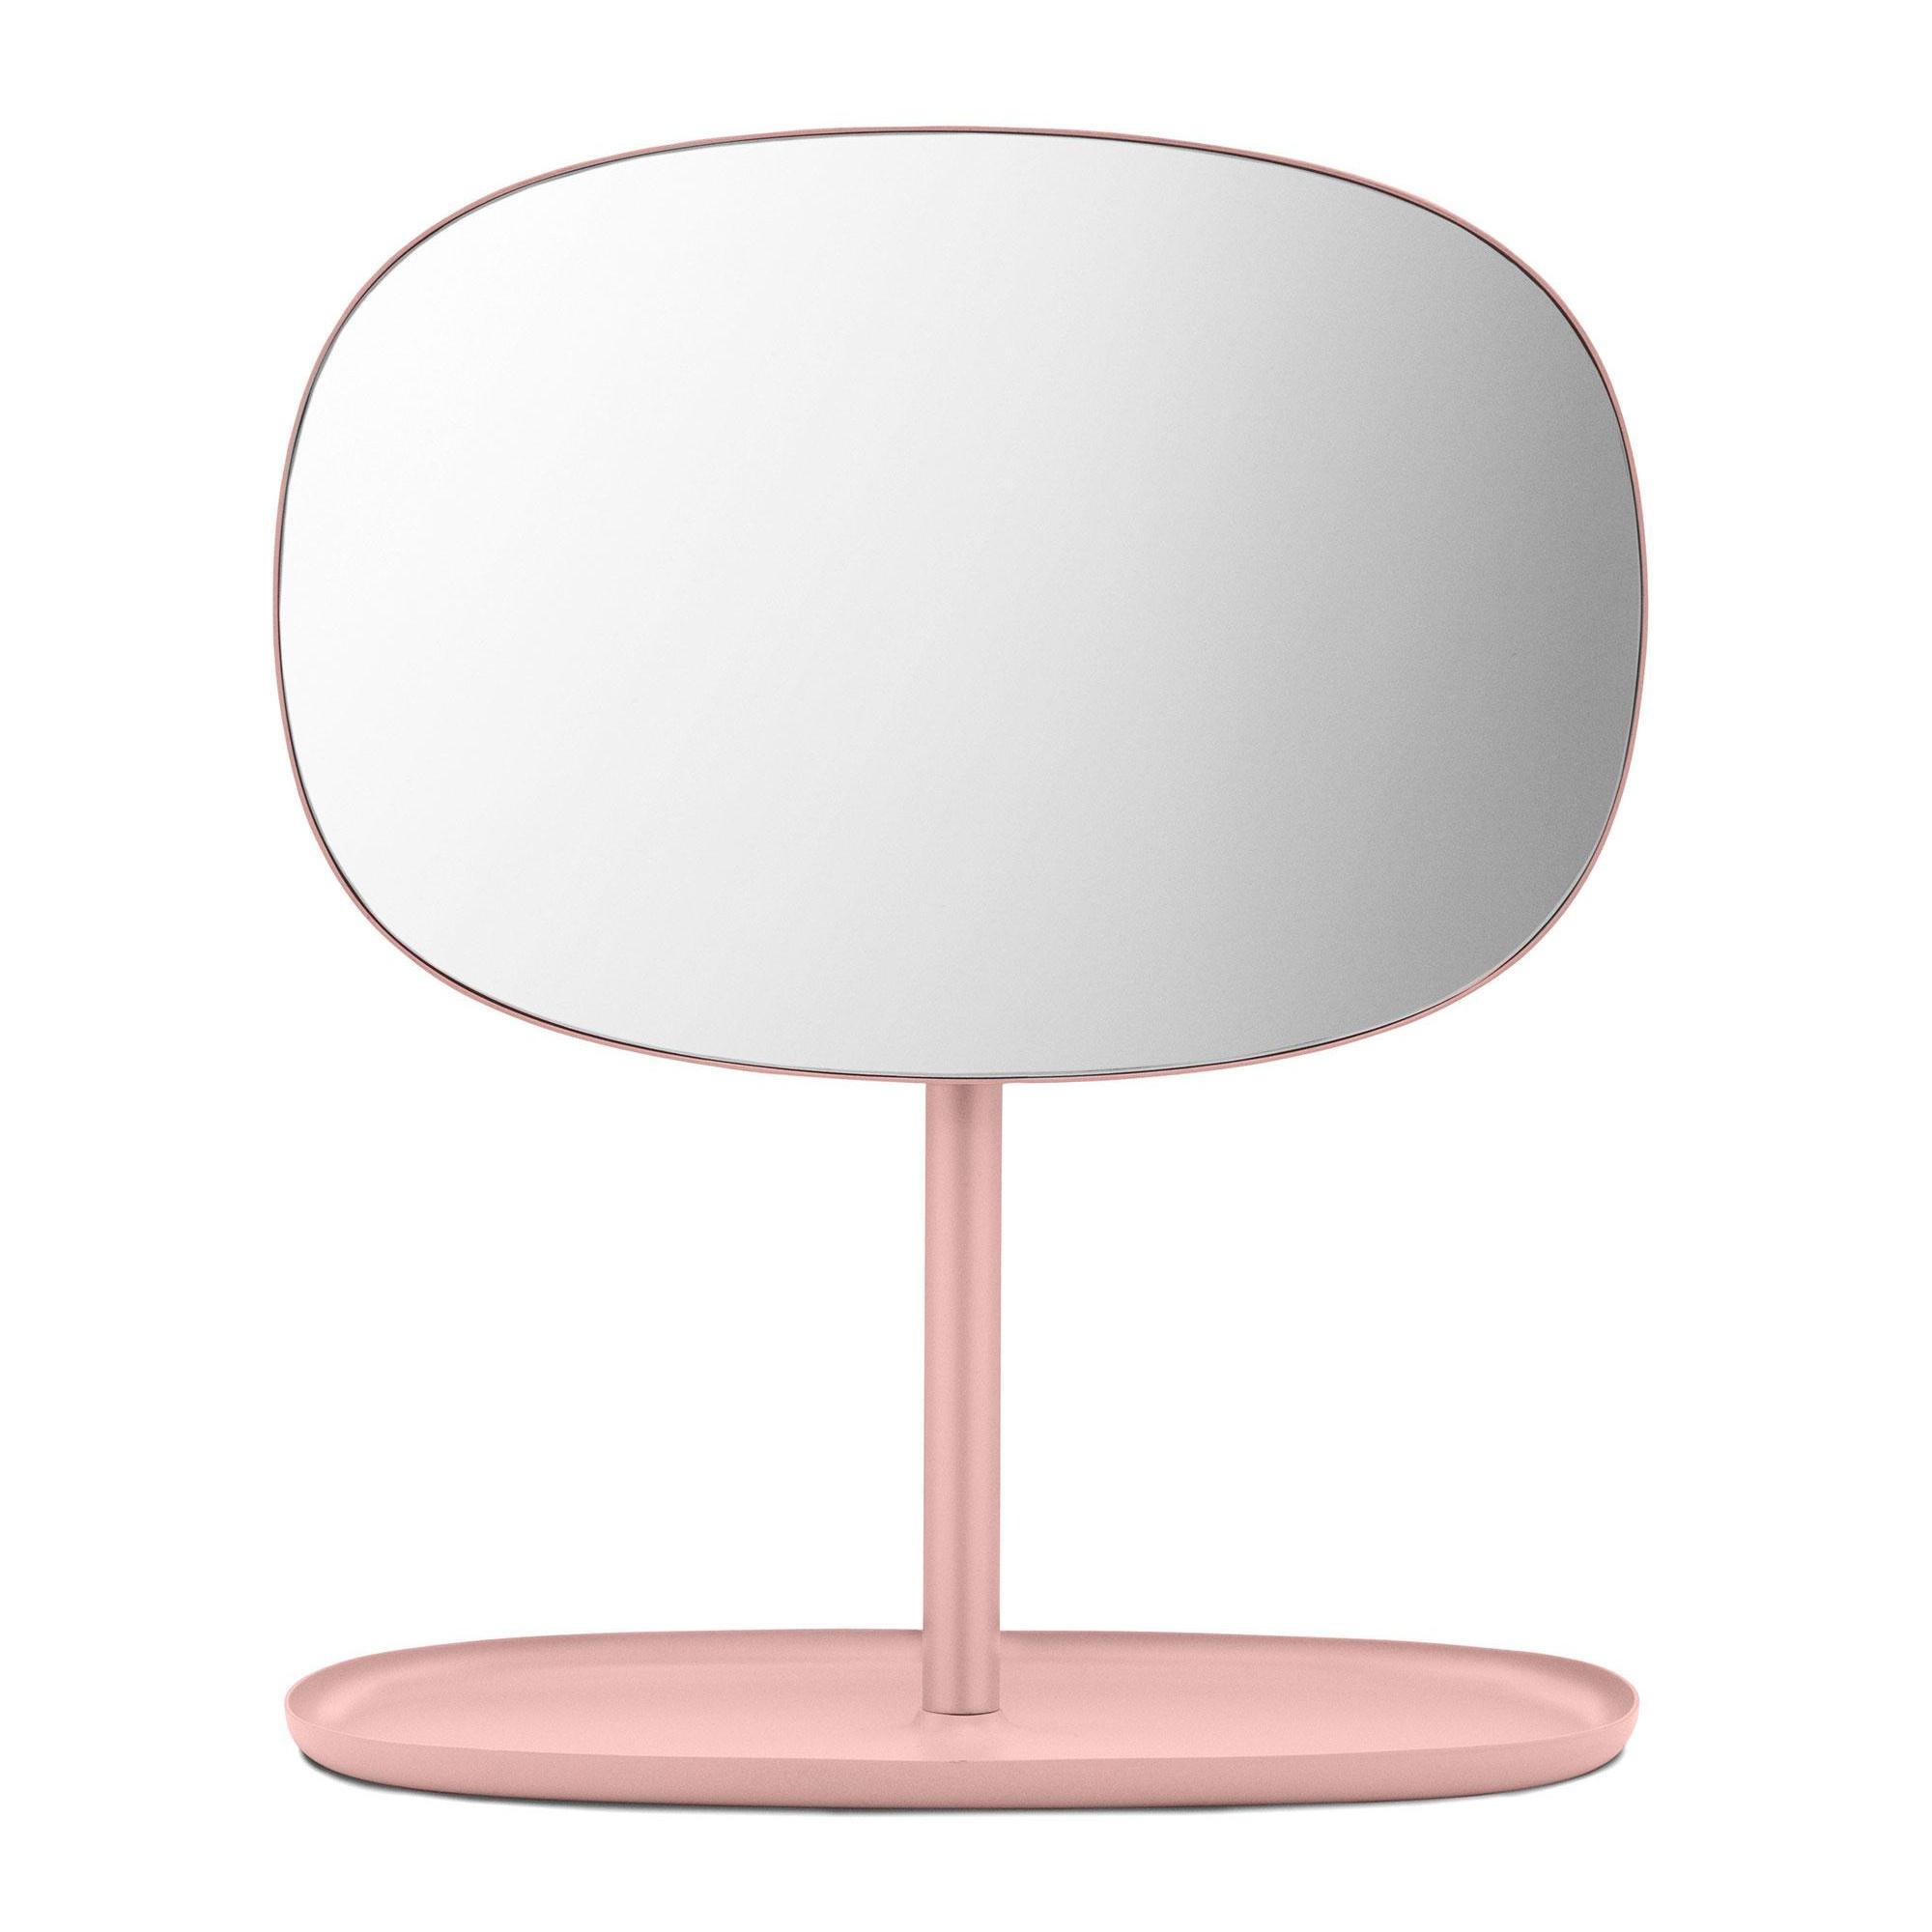 Normann Copenhagen - Flip Kosmetikspiegel - blush/BxHxT 28x34|5x19|5cm | Bad > Bad-Accessoires > Kosmetikspiegel | Blush | Stahl| spiegelglas | Normann Copenhagen